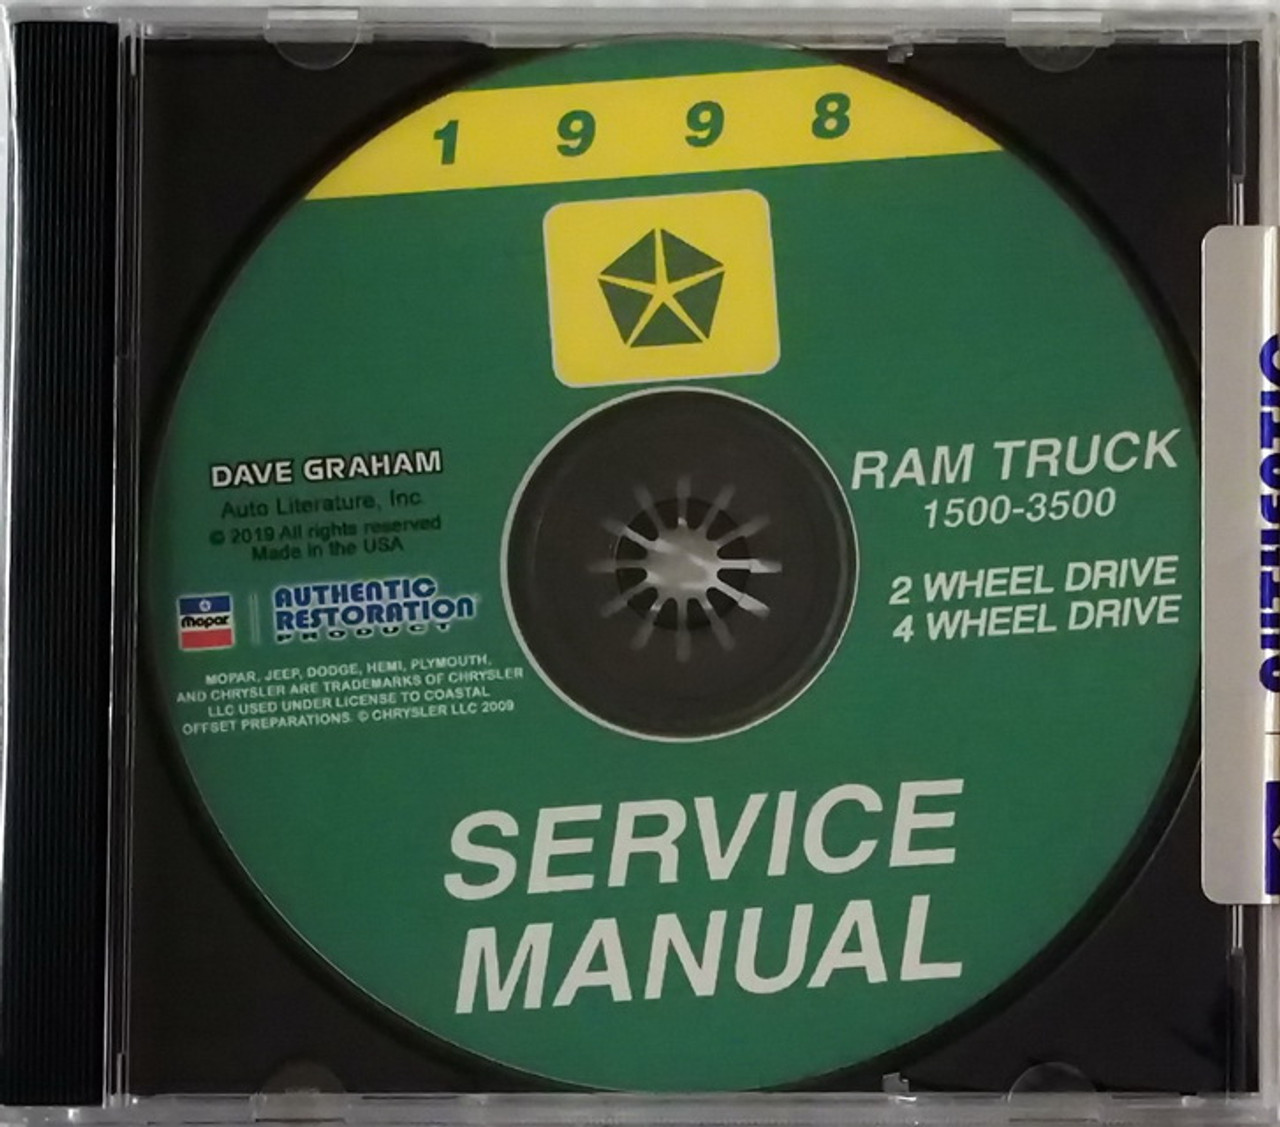 2000 Dodge Ram Truck Shop Manual CD 1500-3500 Pickup Gas Diesel Service Repair